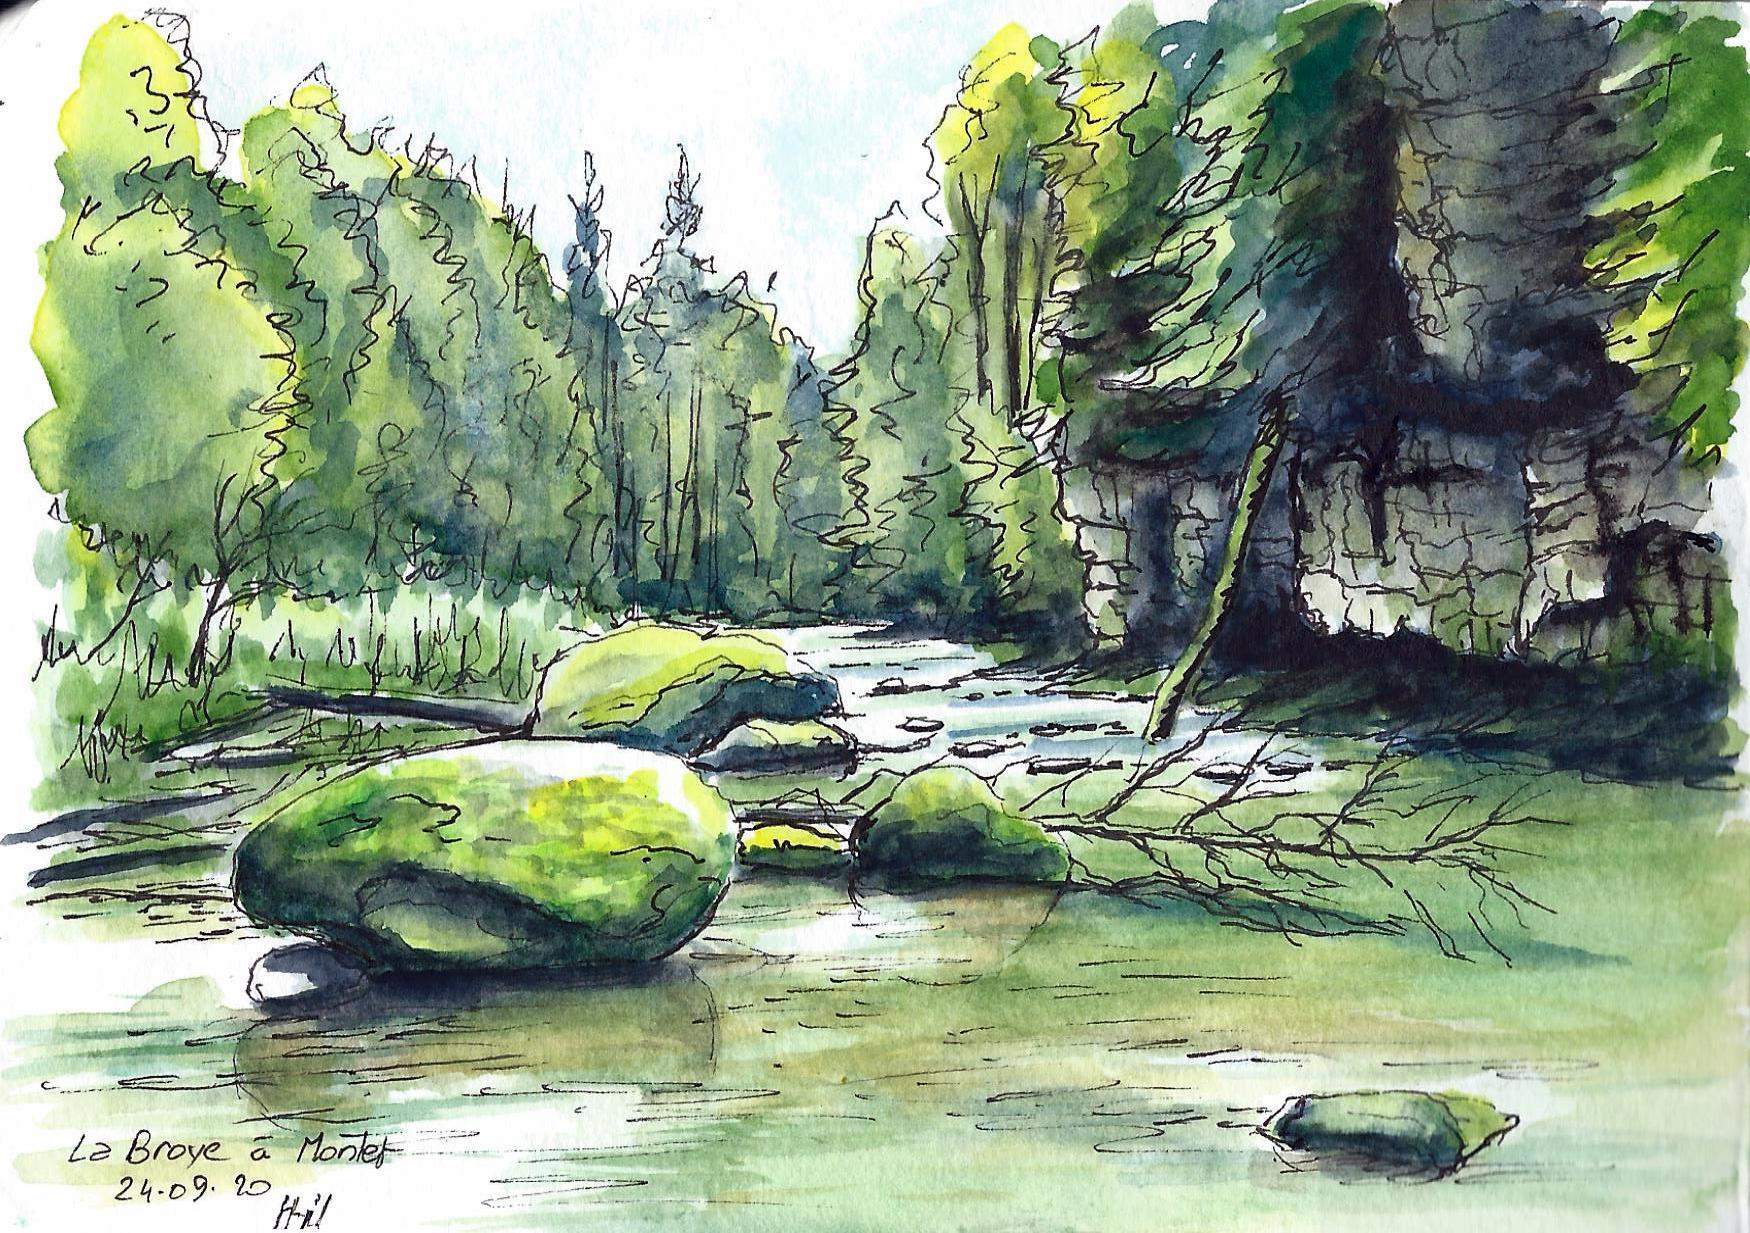 Gorges Broye